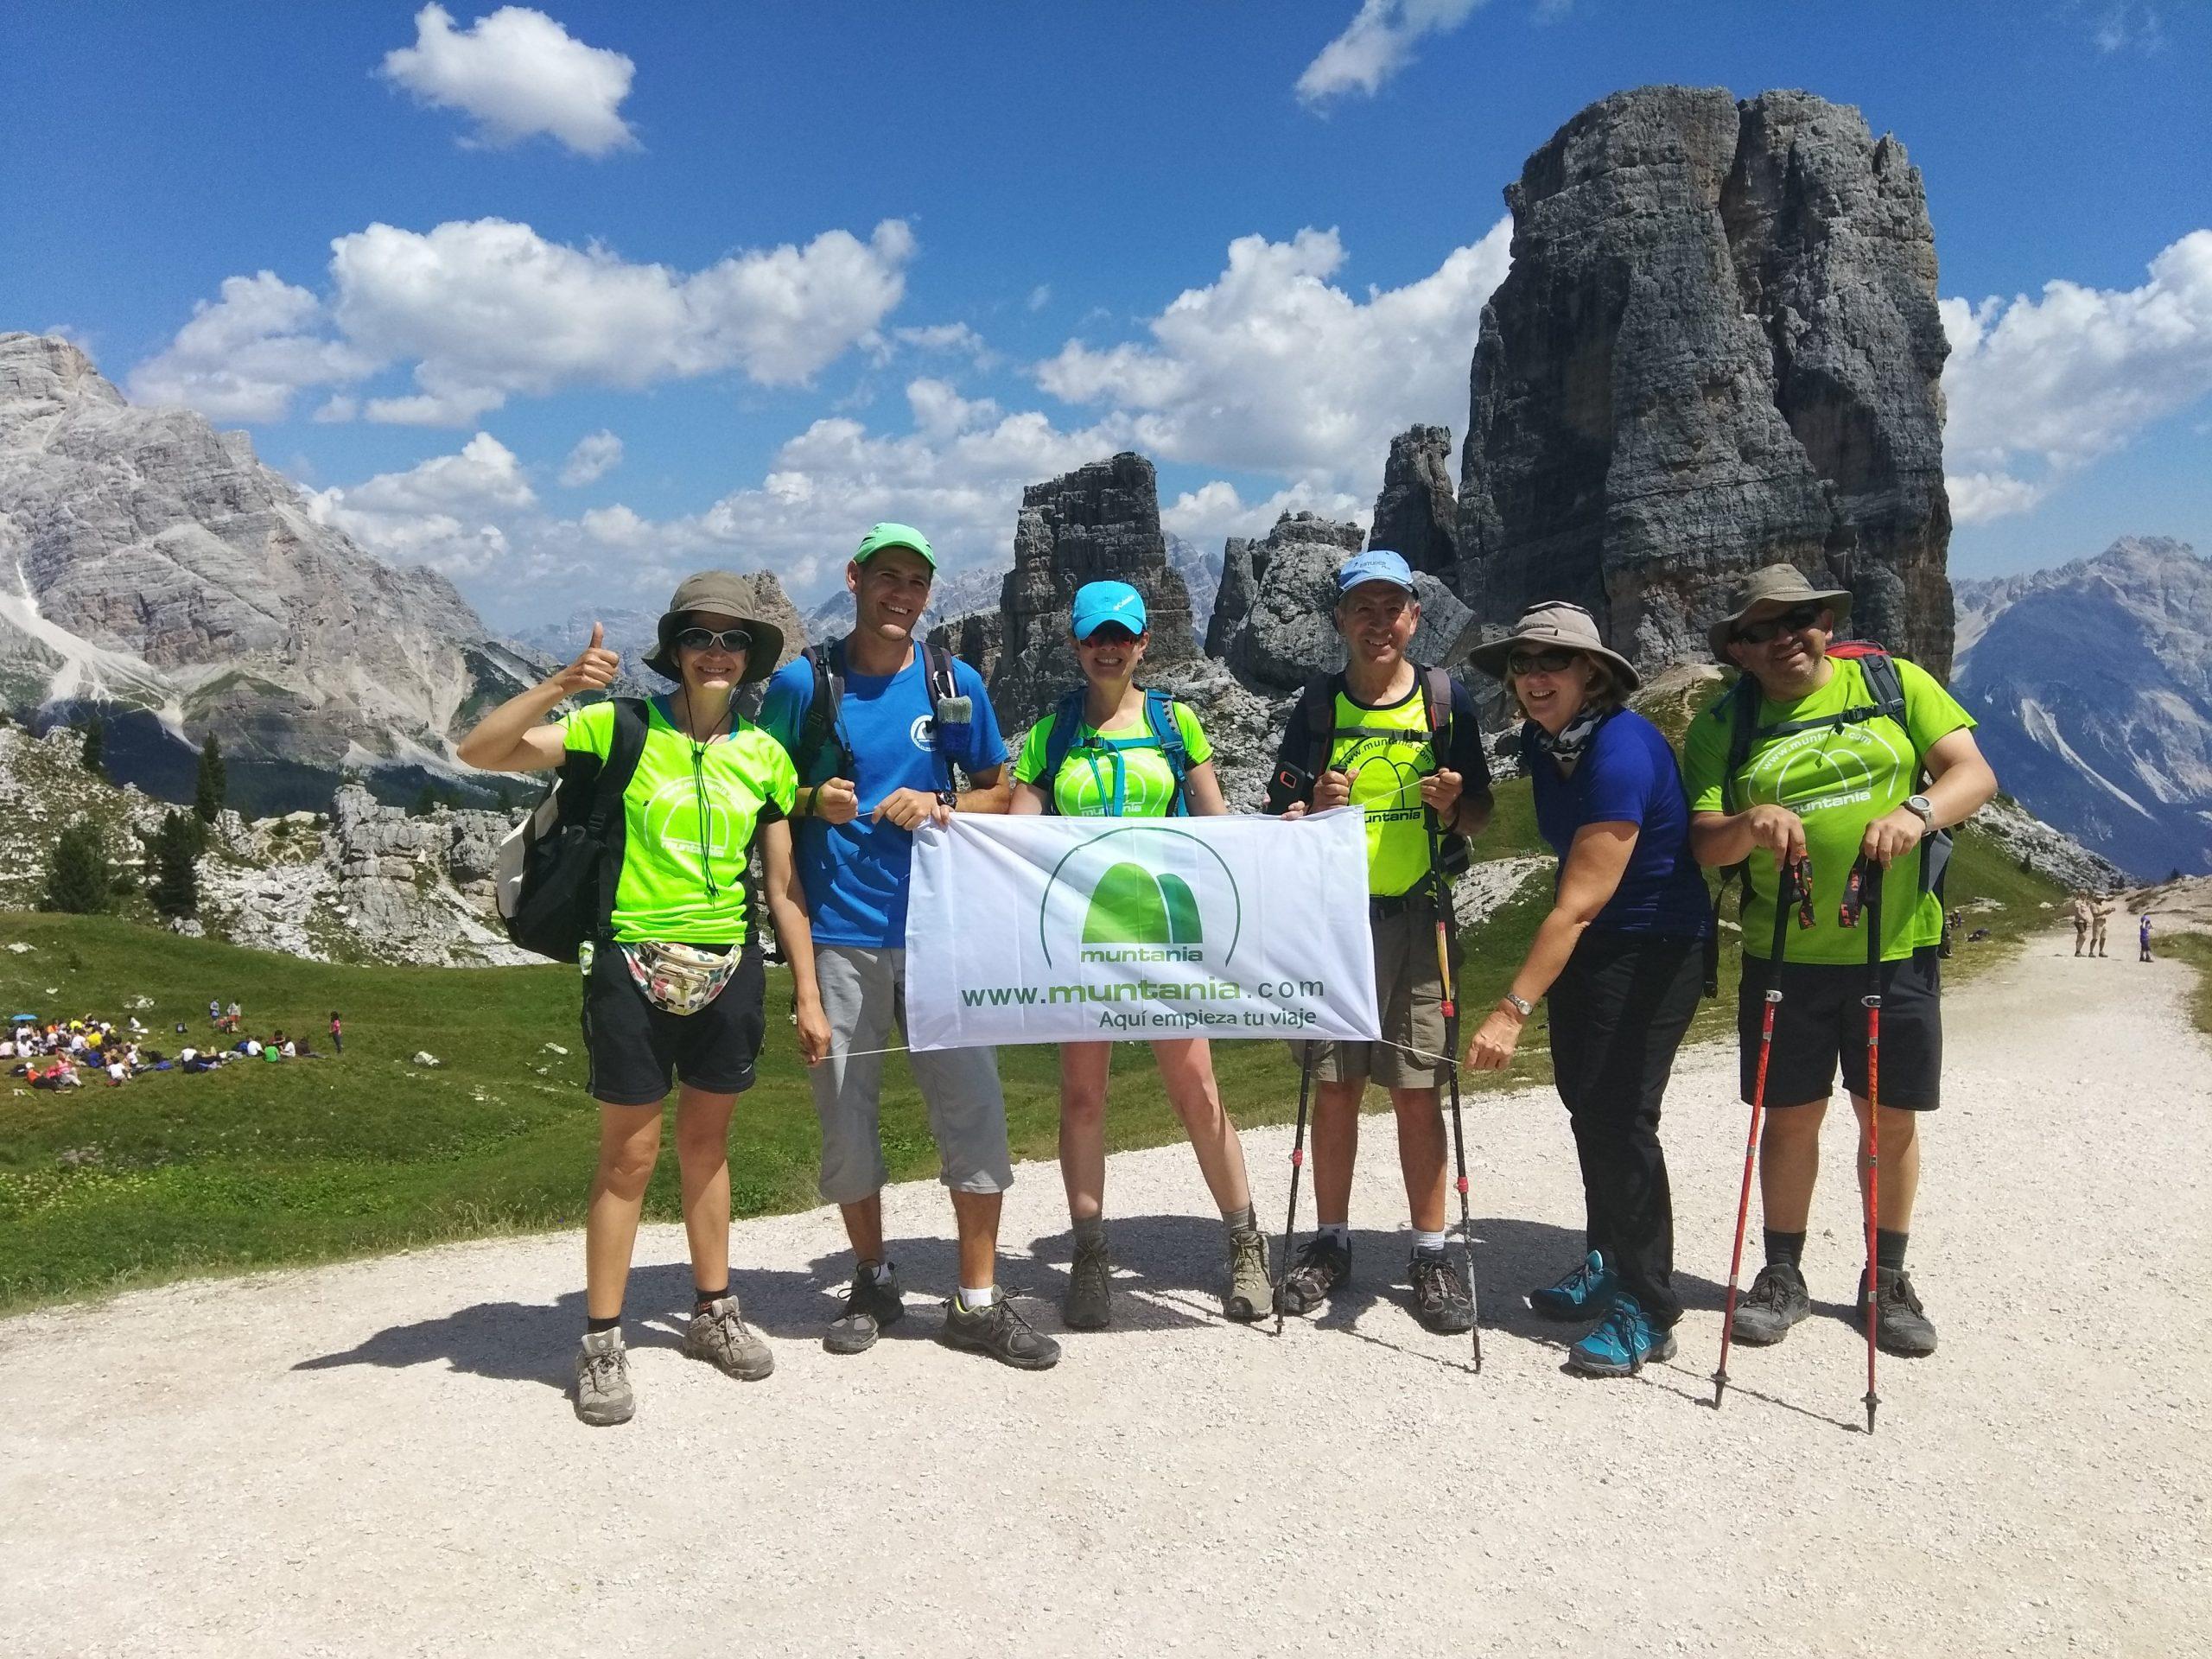 Dolomitas: senderismo suave por las montañas más bellas del mundo